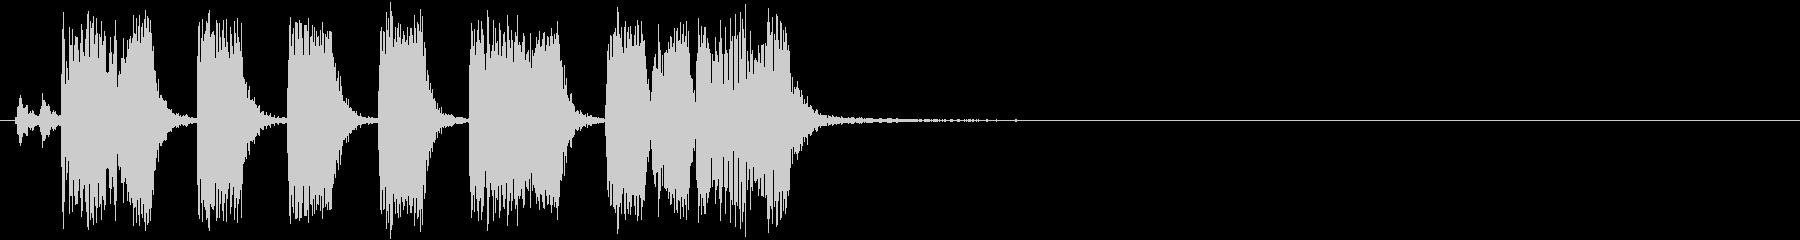 トランペット_アイキャッチ_場面転換の未再生の波形